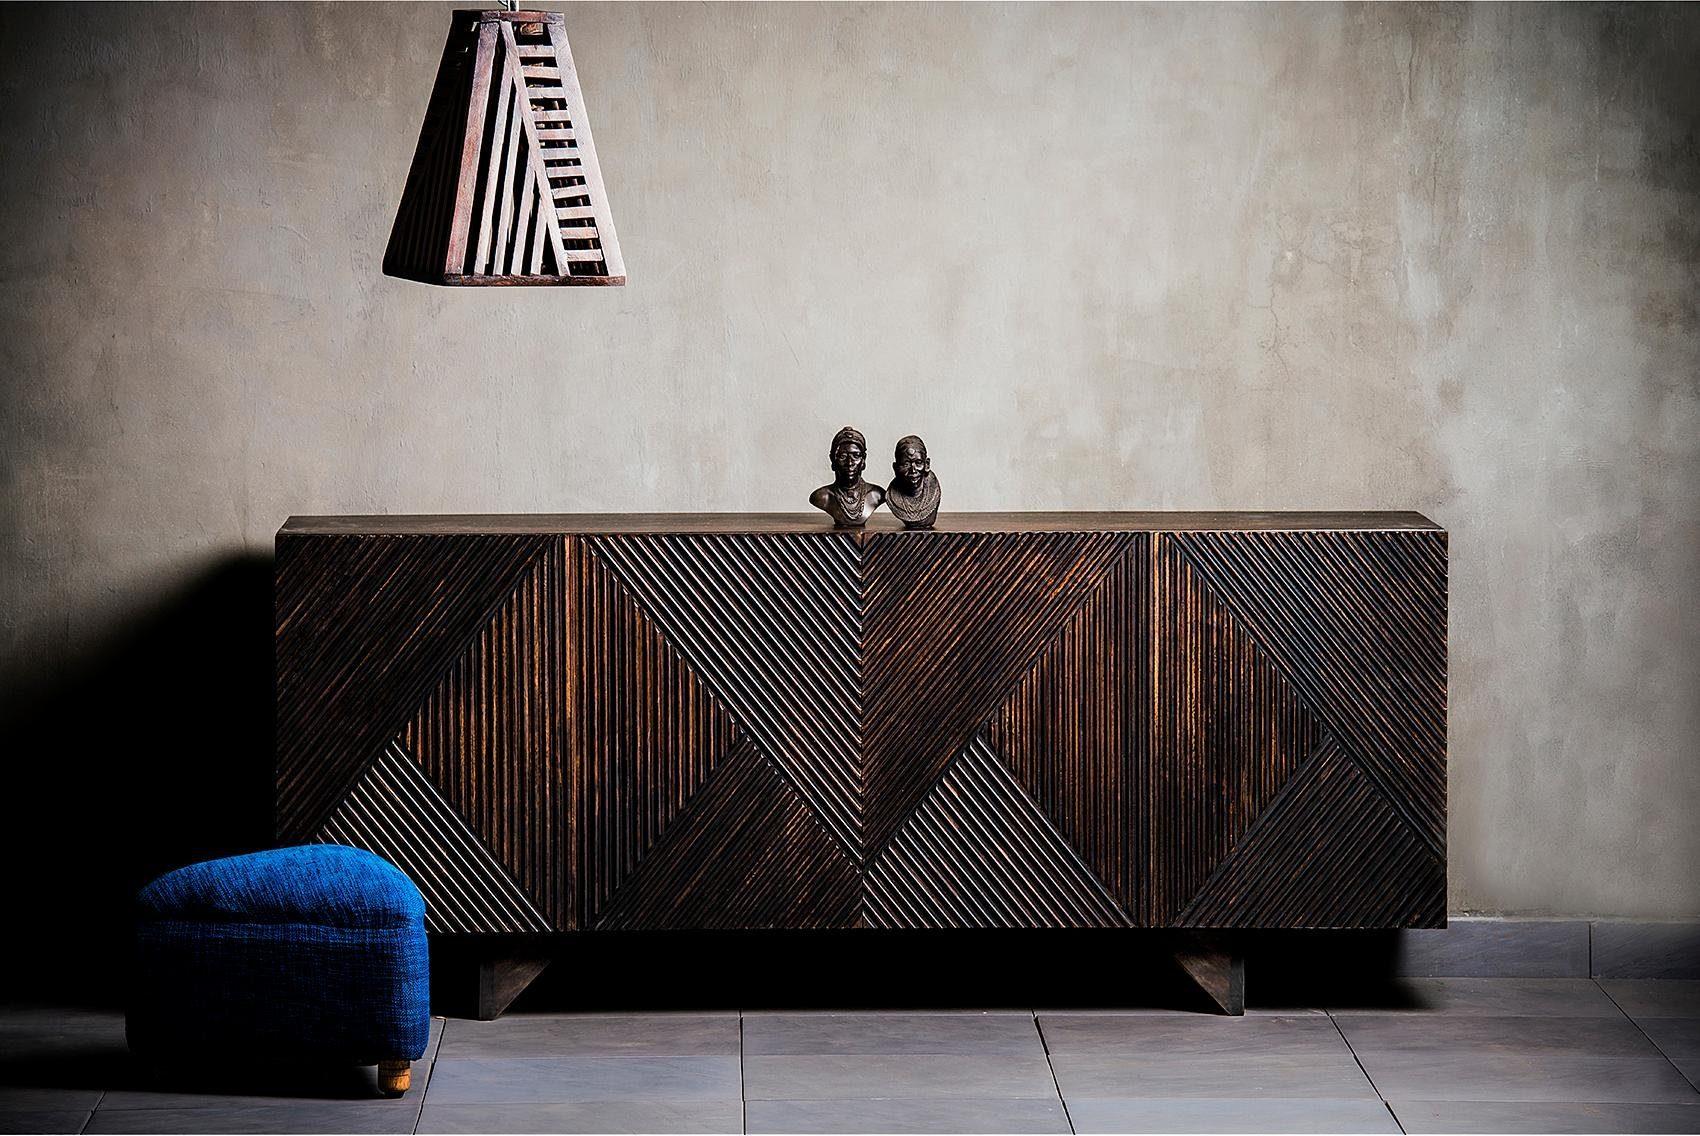 Home affaire Sideboard »Dove«, mit schönen Fräsungen im Schachbrettmuster auf den Fronten der Türen, Breite 177 cm